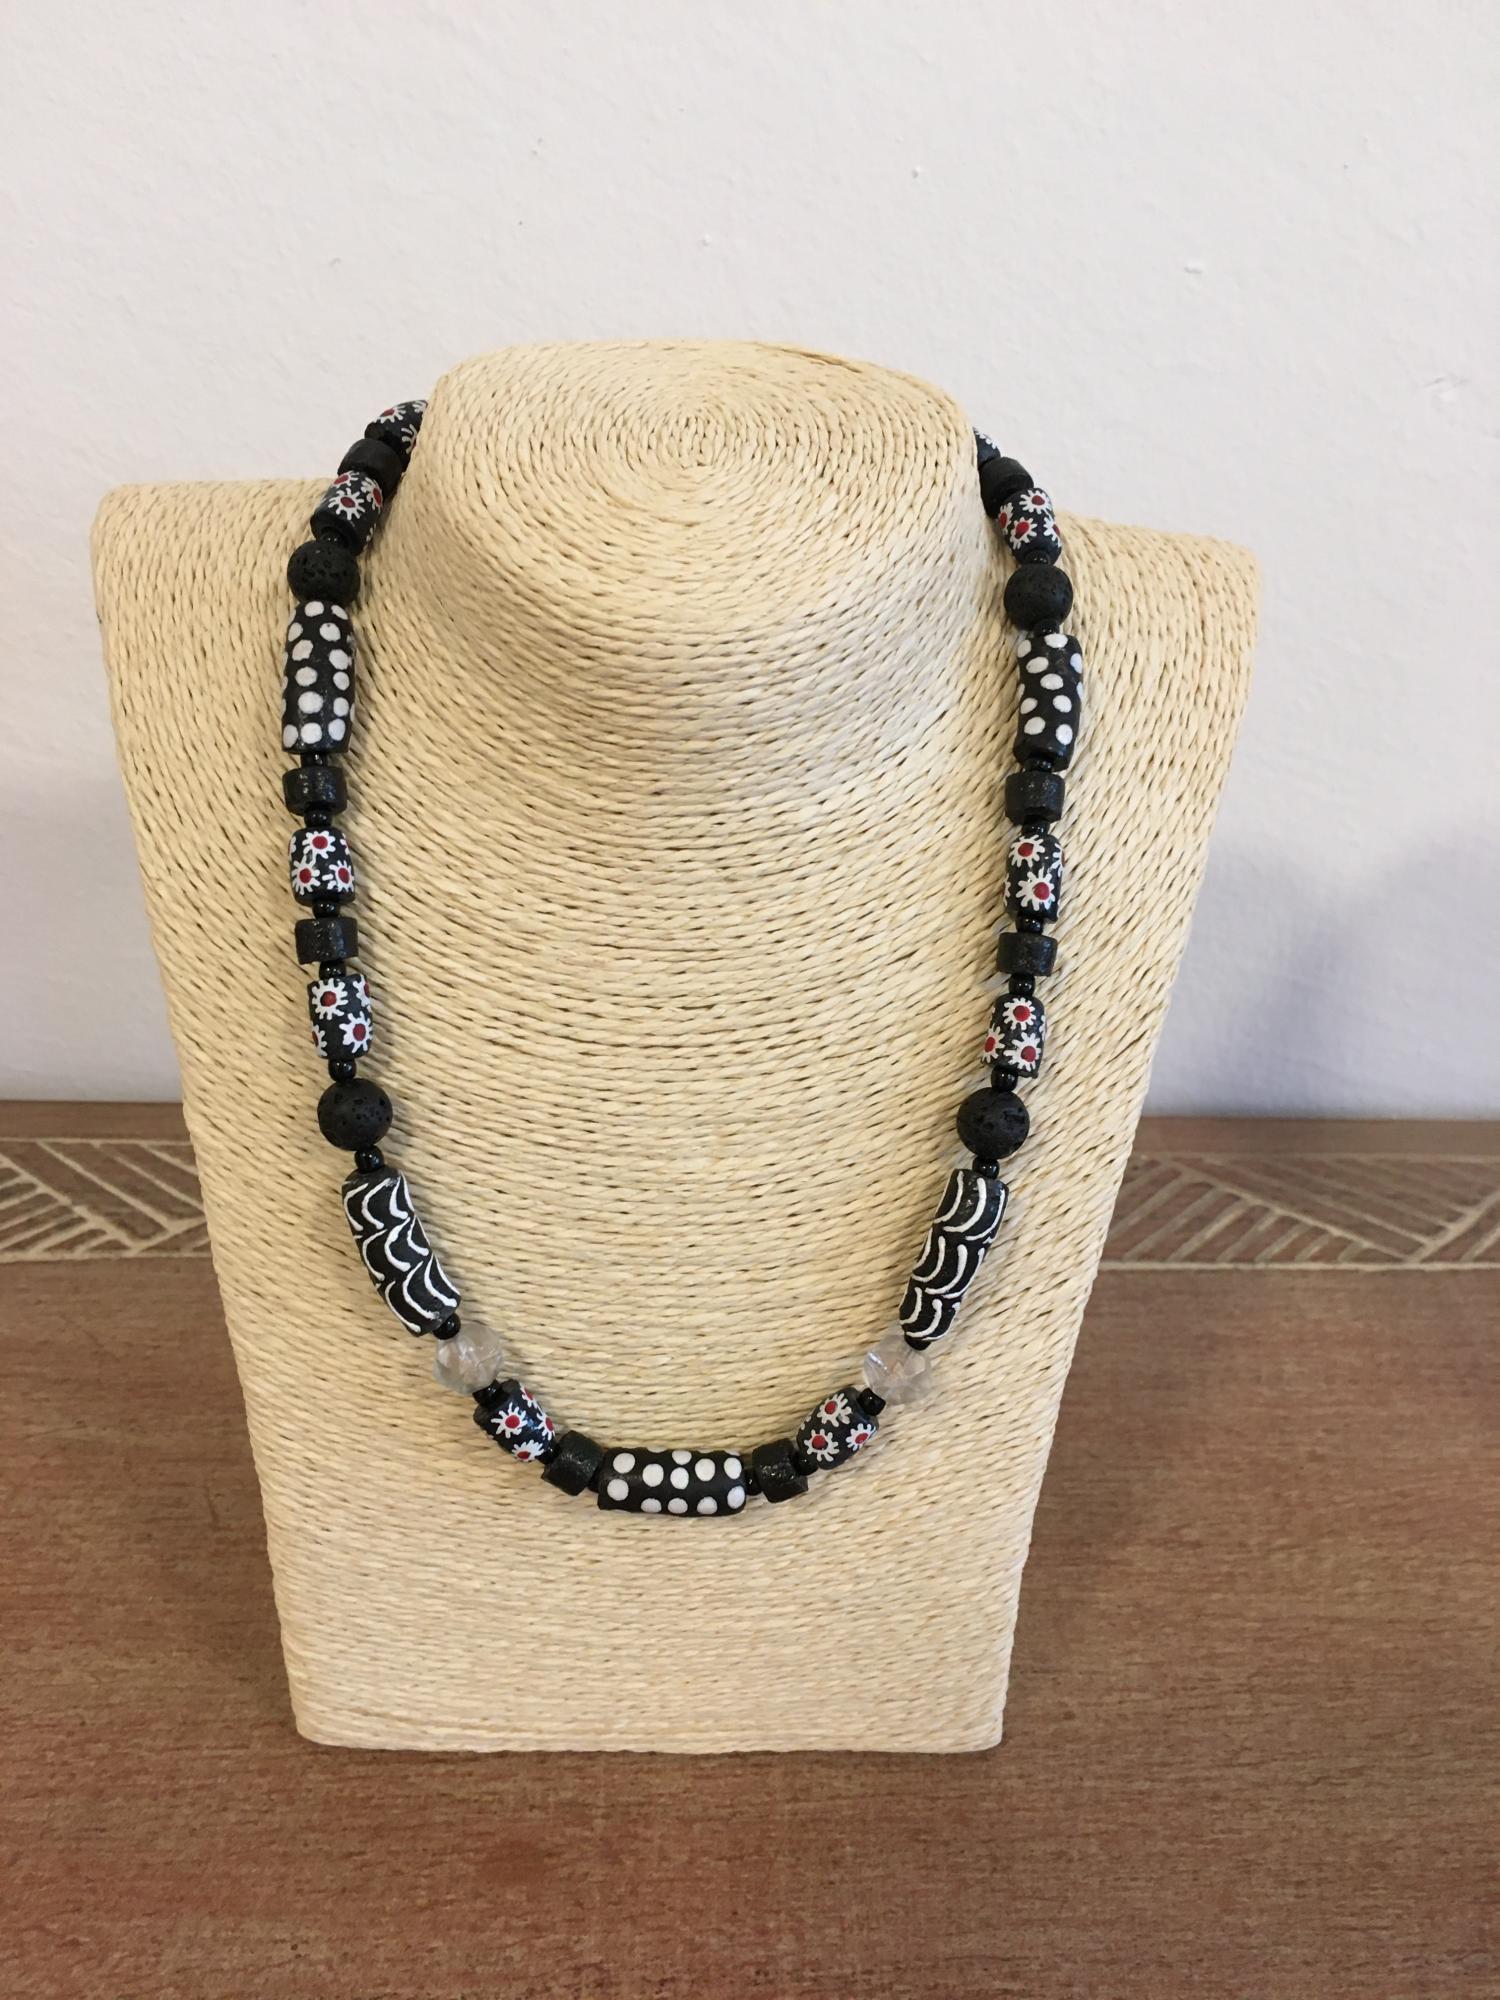 Schwarz-Weiße Kette - African Beads Design